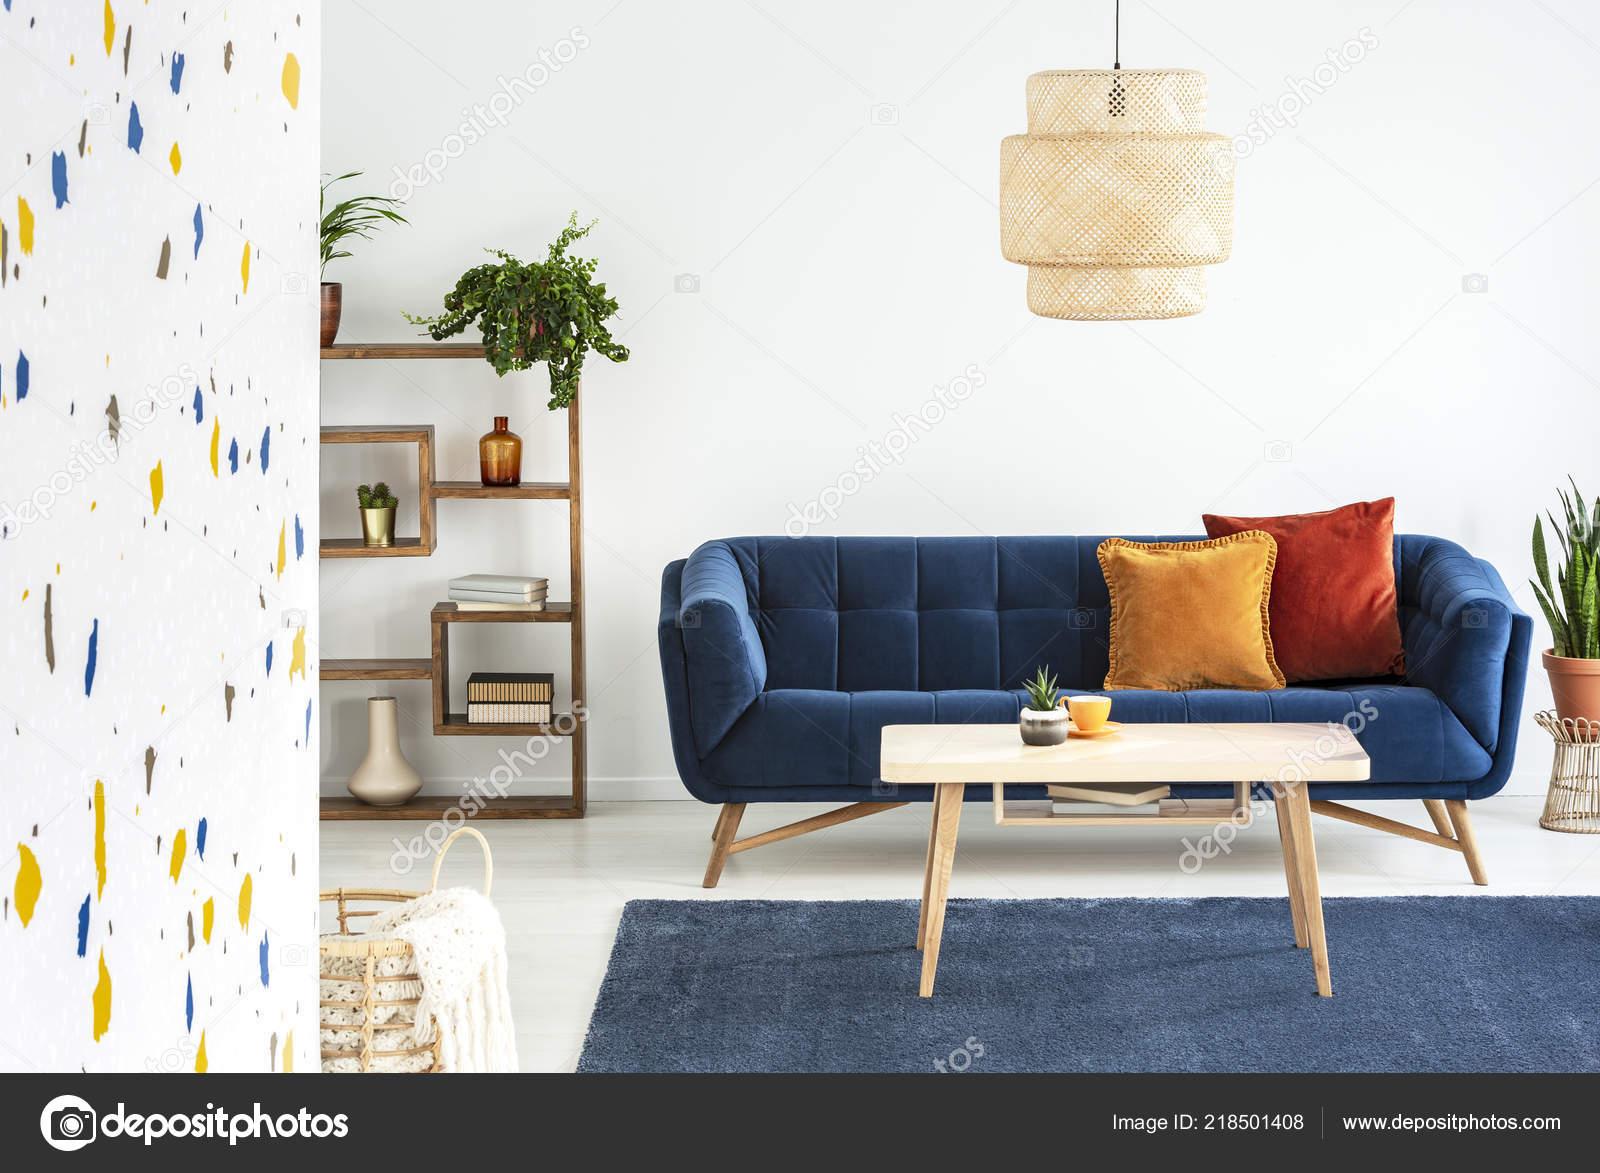 Wohnzimmer Einrichten Blaues Sofa Natura Naturliches Wohnen Fur